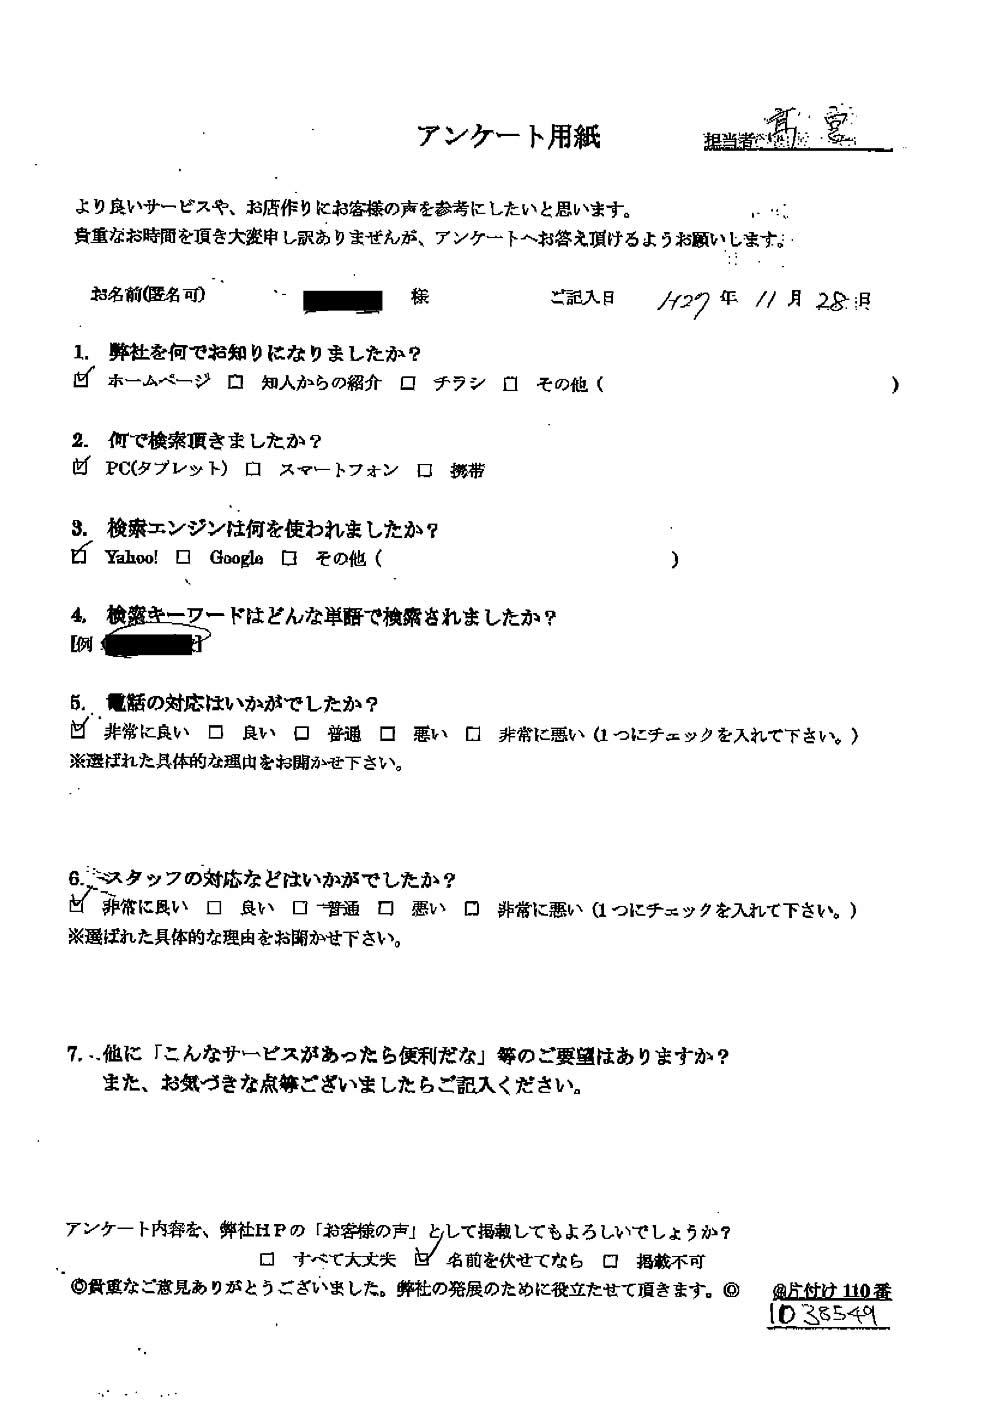 【広島市】耐火金庫の回収☆対応も感じが良かったとご満足いただけました!